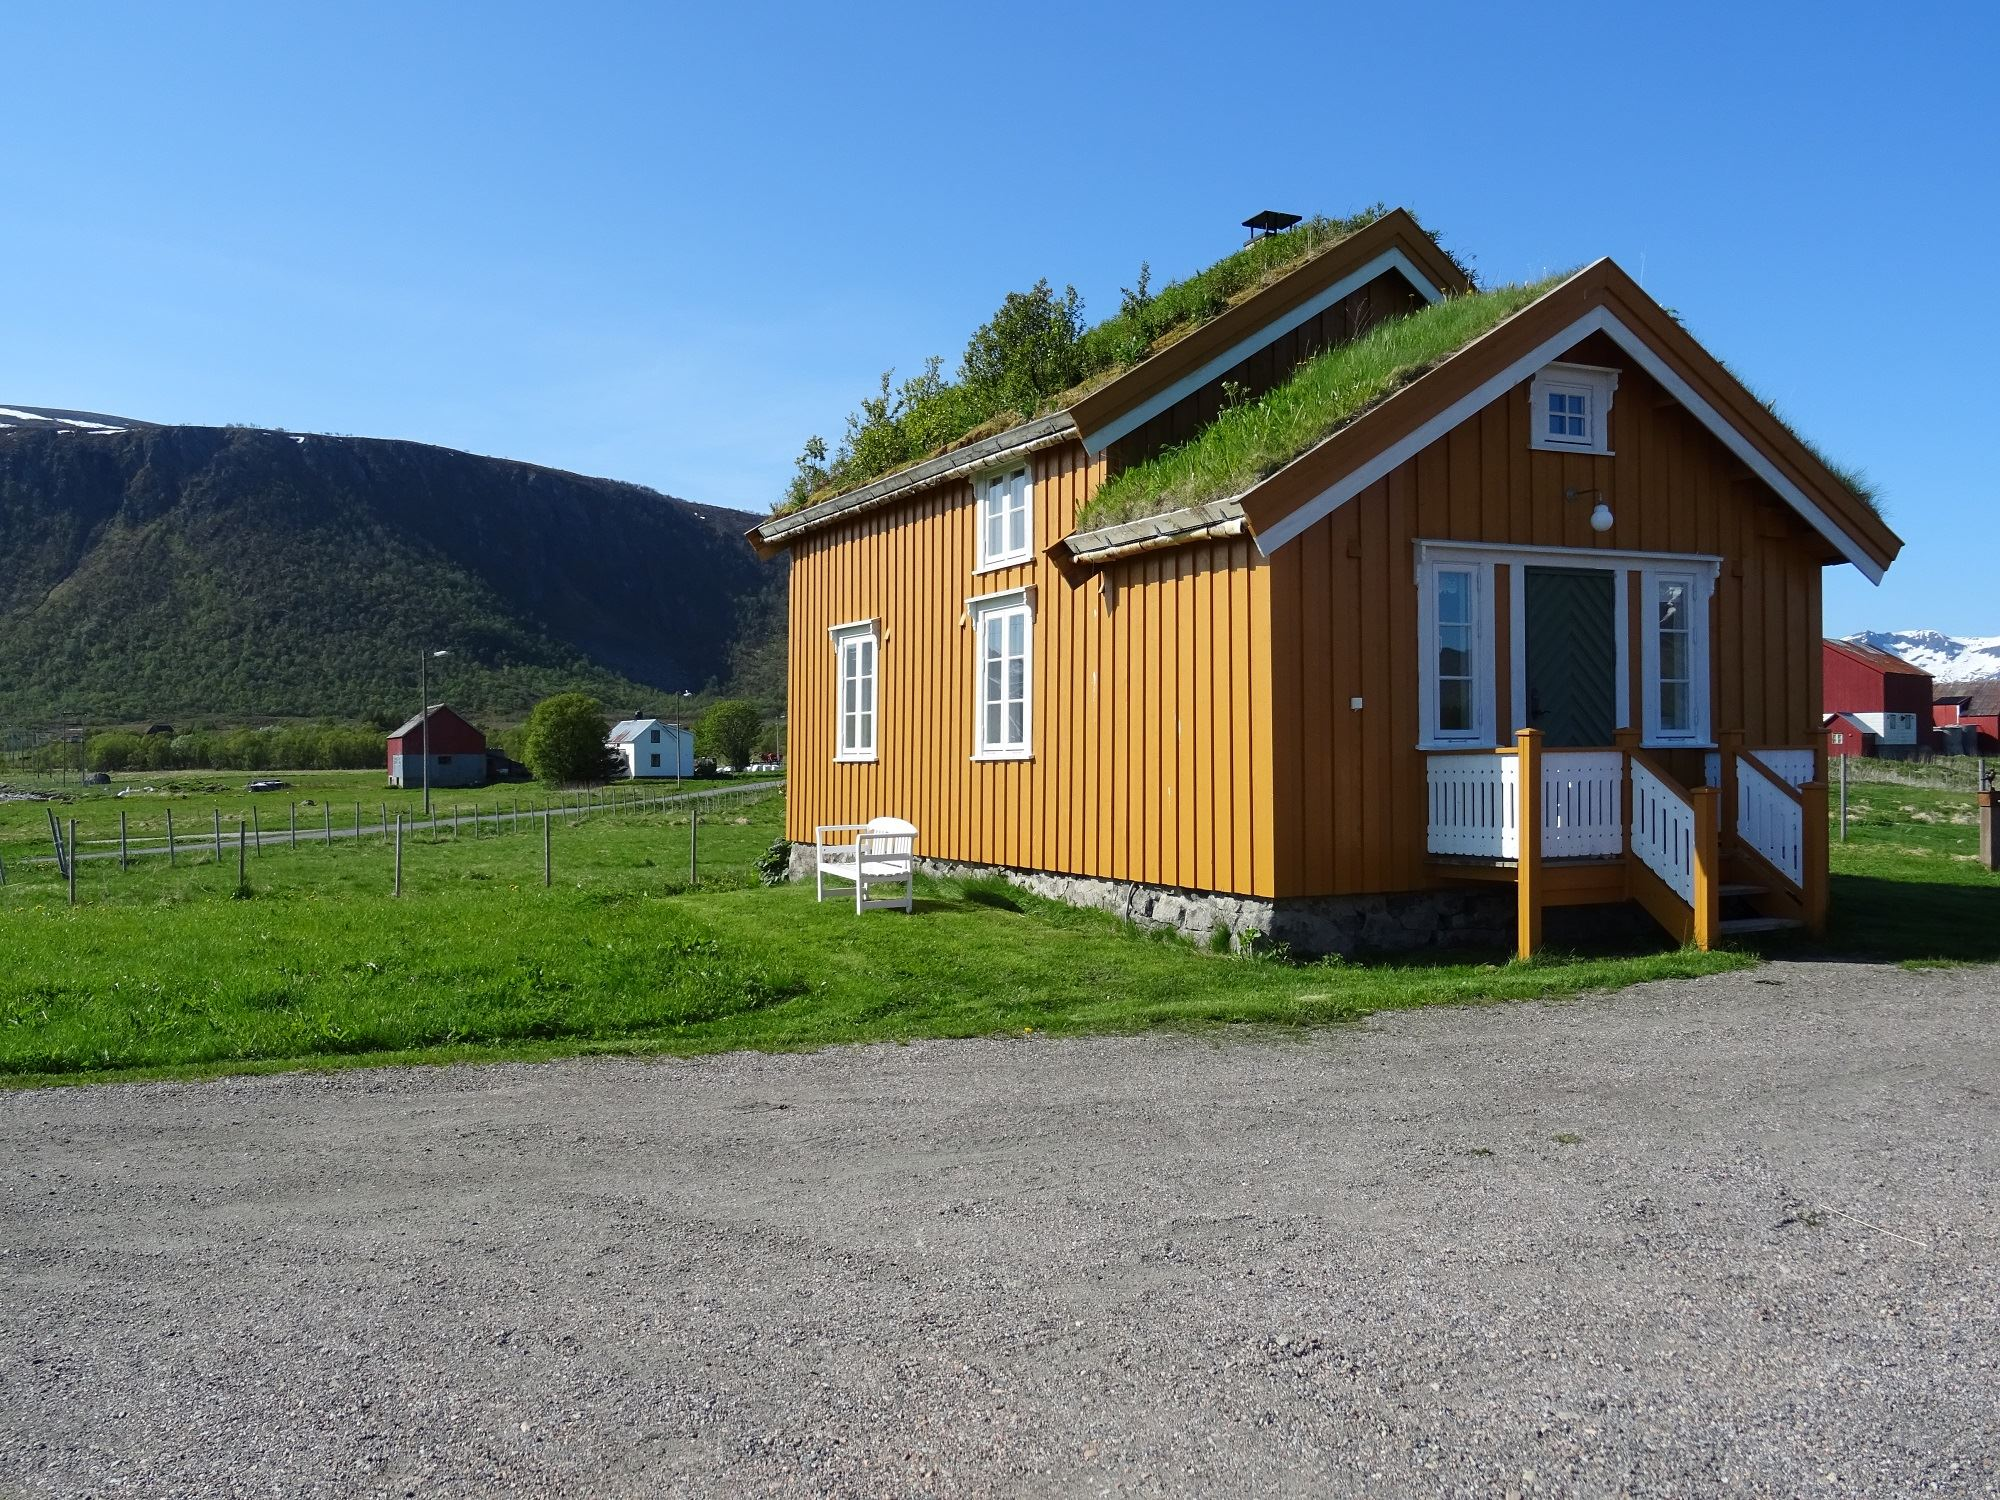 Loviktunet,  © Loviktunet,  The Yellow house,Lovik, Andøy,Vesterålen